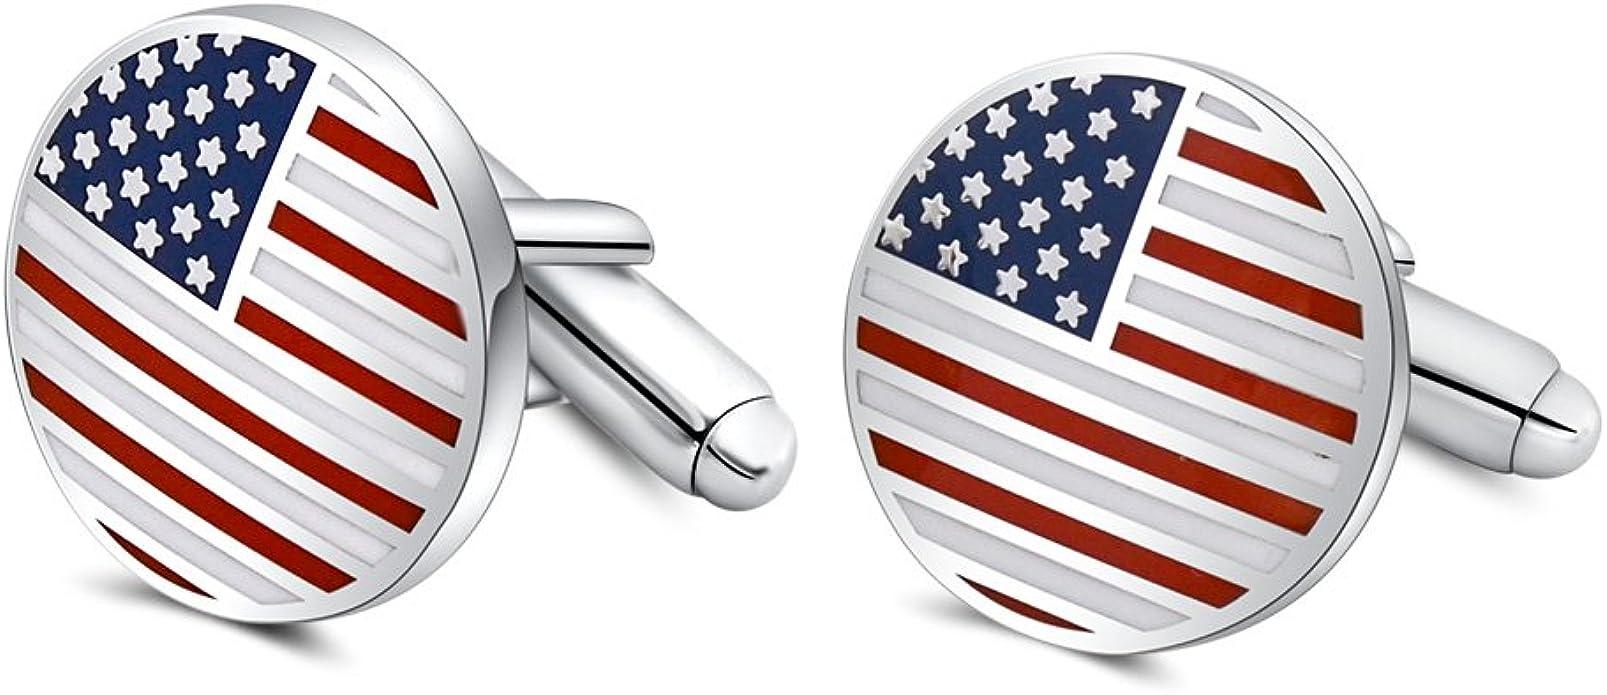 Bandera de Estados Unidos Gemelos, MR. Van Hombre Bandera de knopfe Azul Rojo White manguito para Hombres Camisa Traje Verlobung: Amazon.es: Joyería